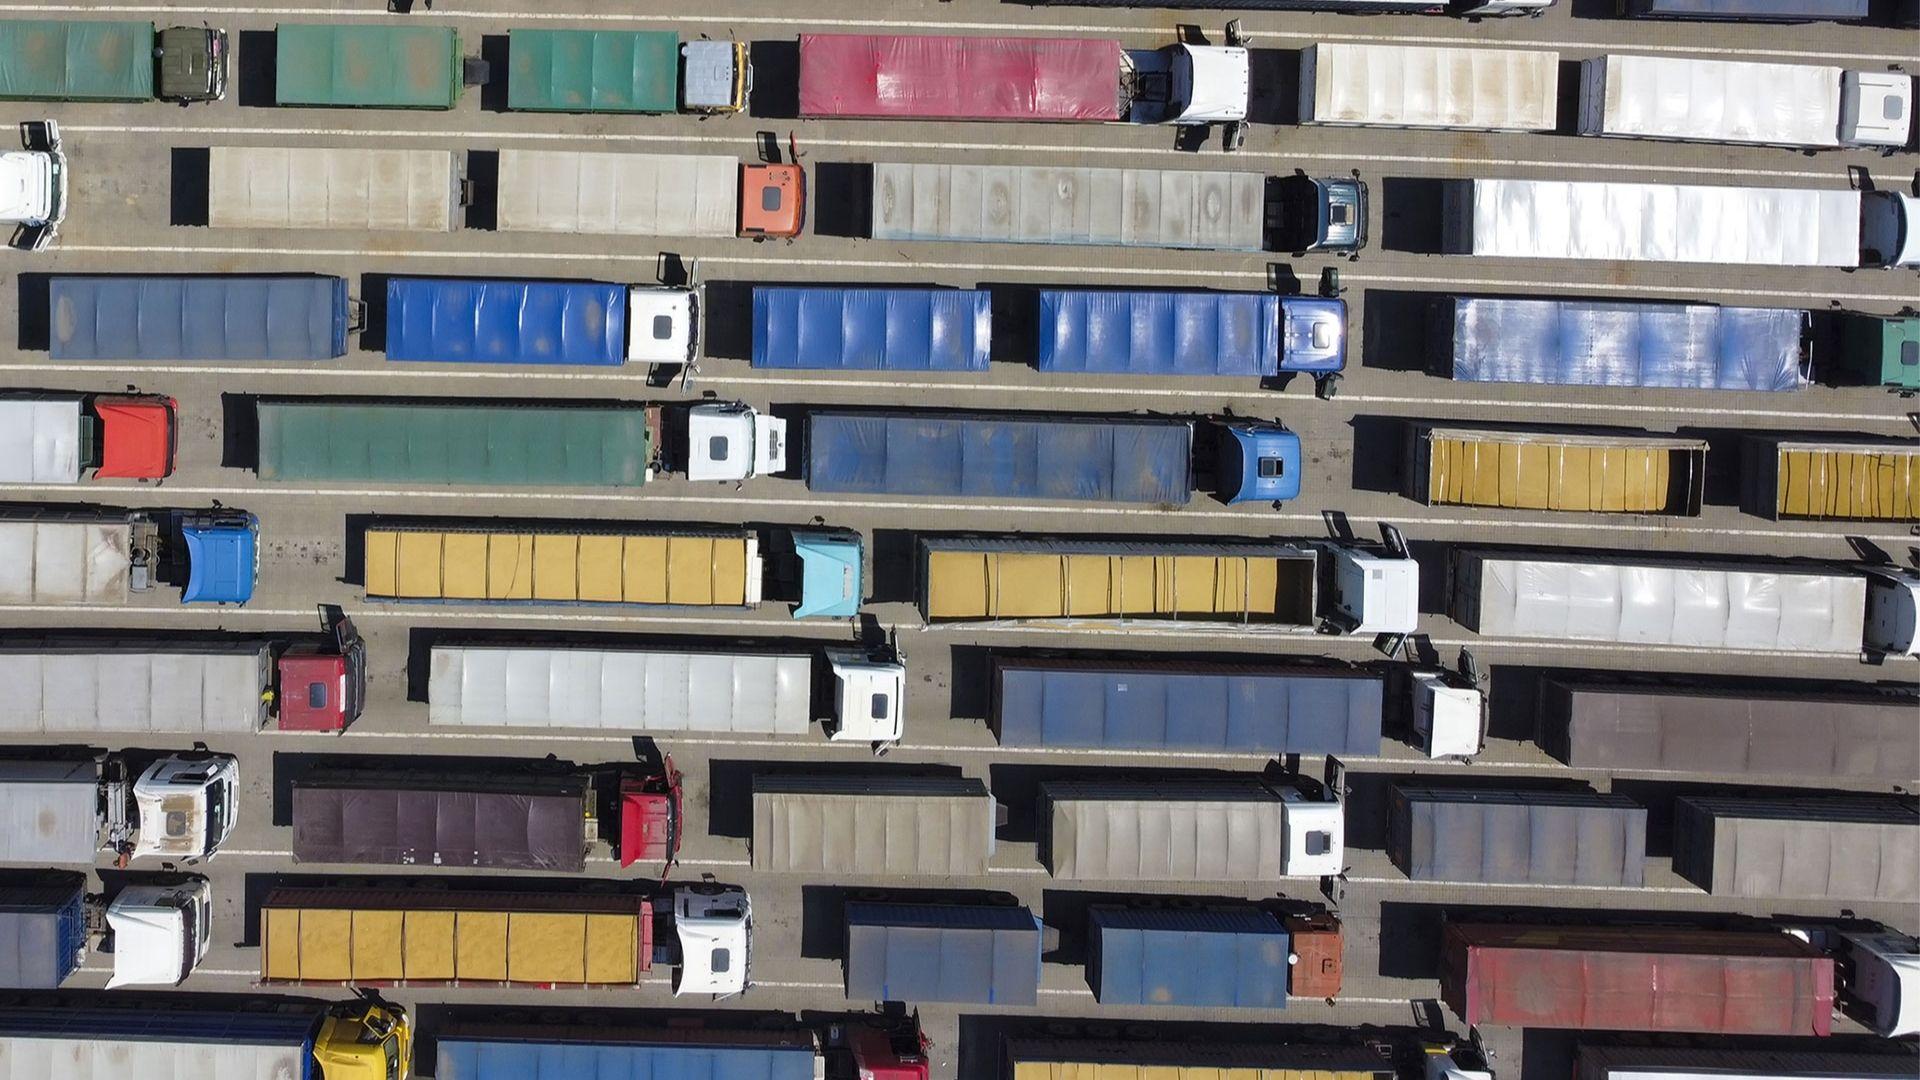 Lavoro CCNL logistica trasporto merci e spedizione